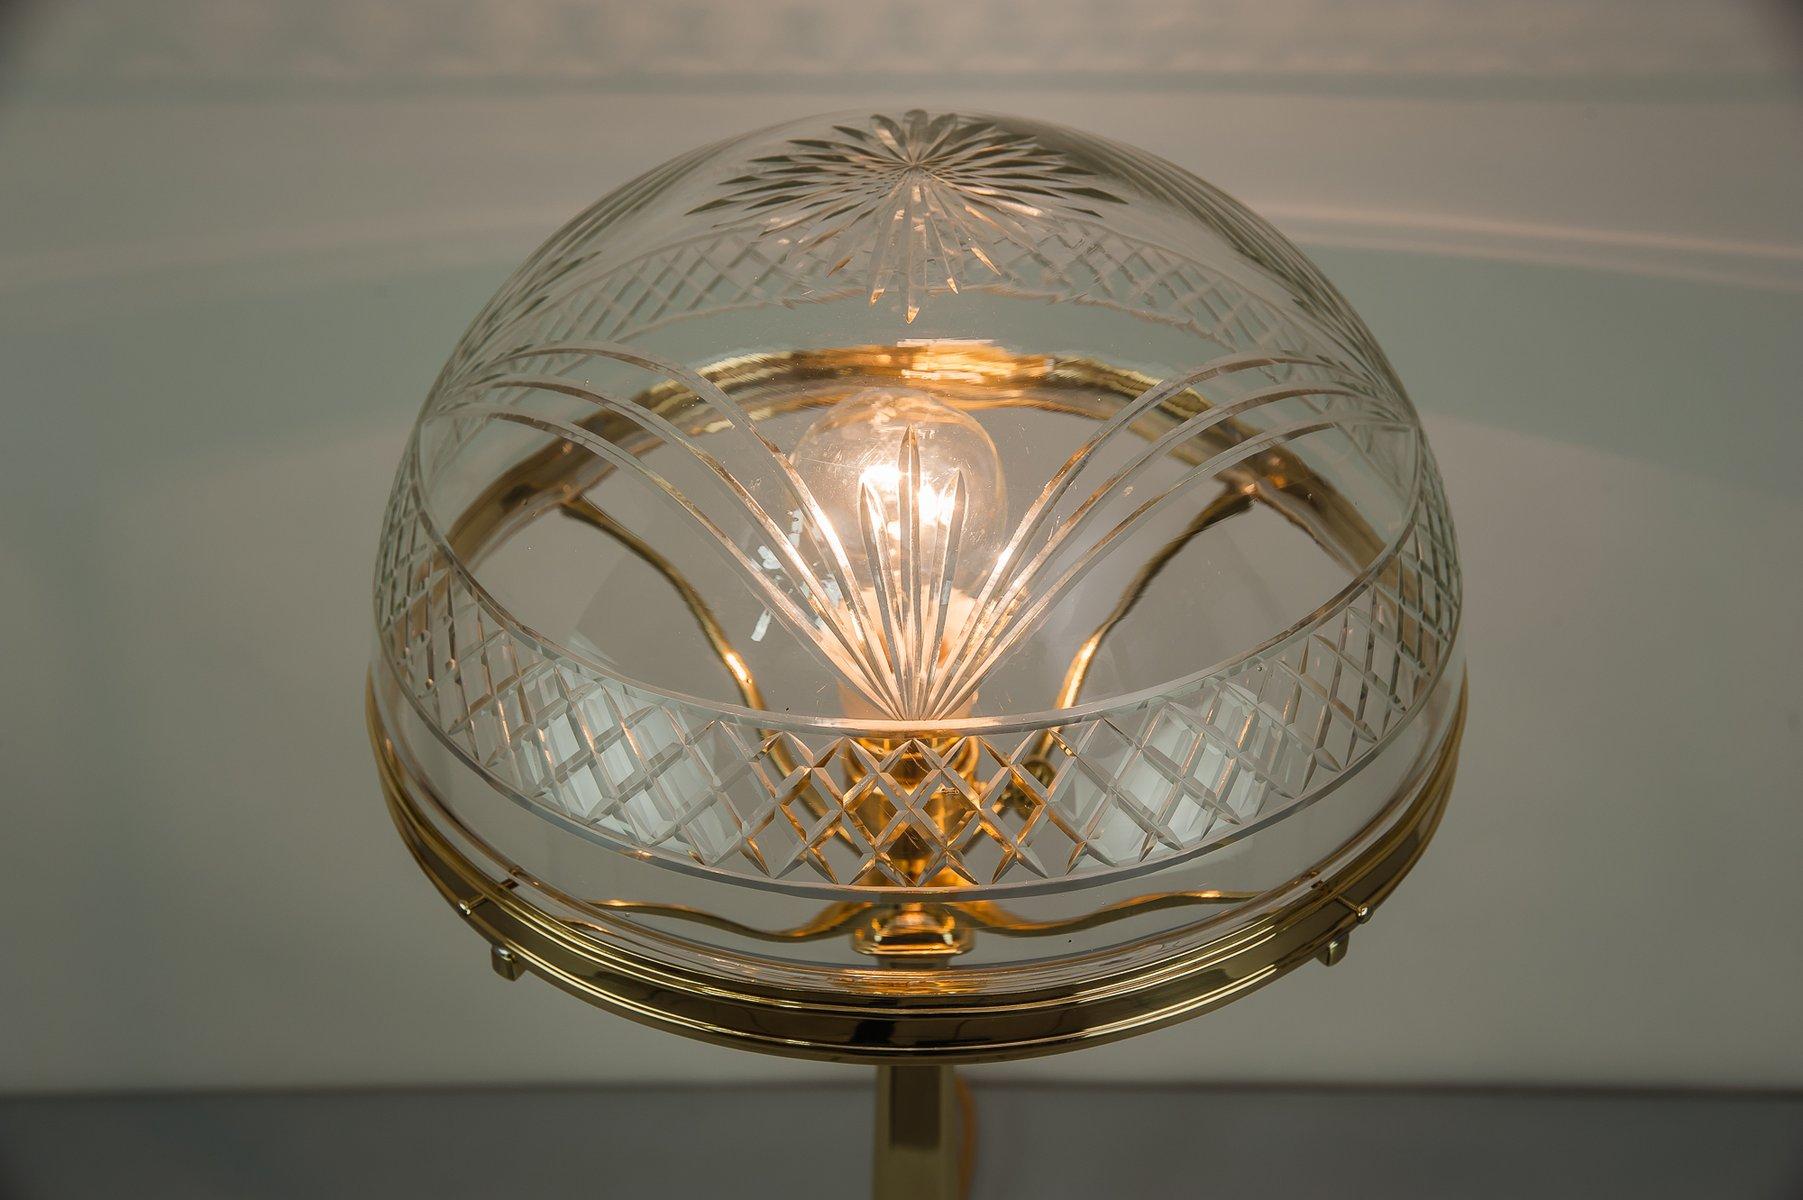 abat jour original pour lampadaire amazing lampe de. Black Bedroom Furniture Sets. Home Design Ideas